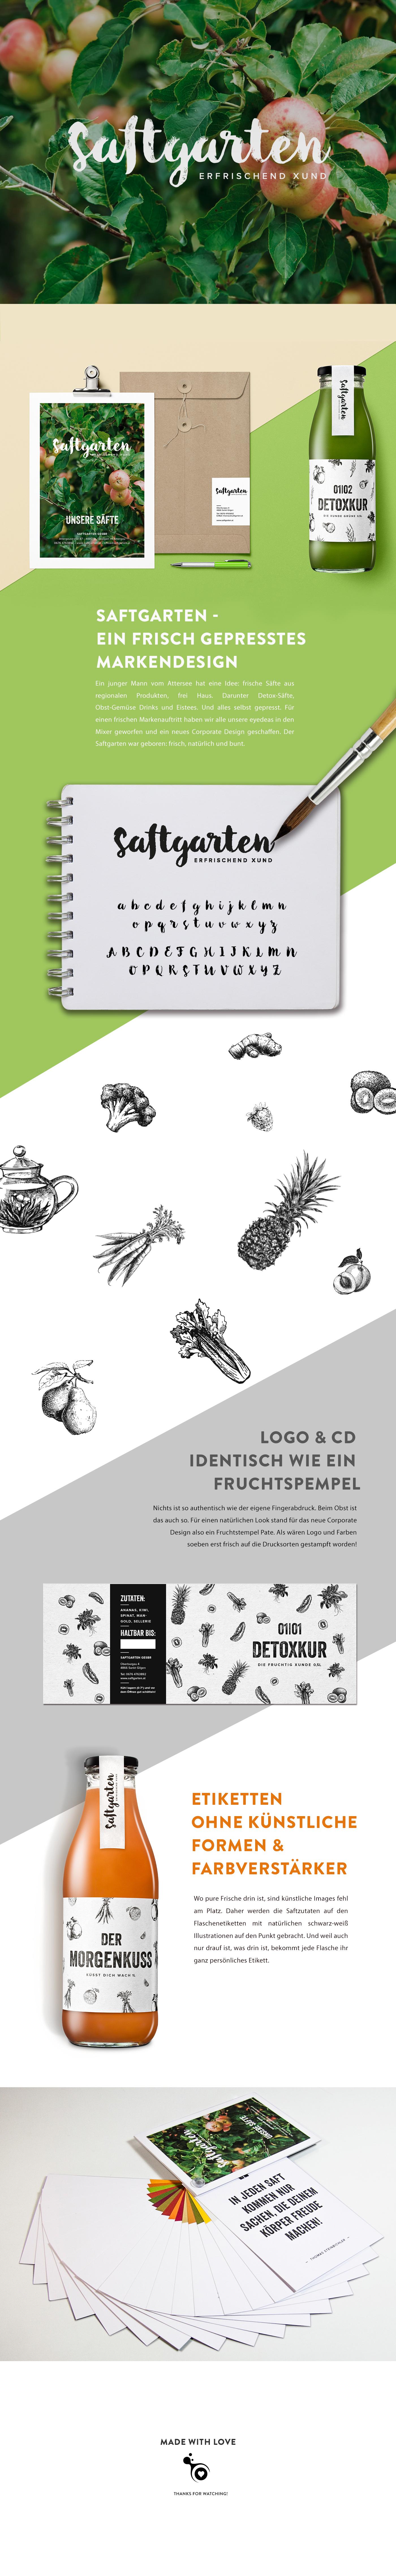 print cd ILLUSTRATIONEN gesund Früchte Obst Gemüse farben natur Saftgarten verpackungsdesign Säfte detox eistee Detoxkur